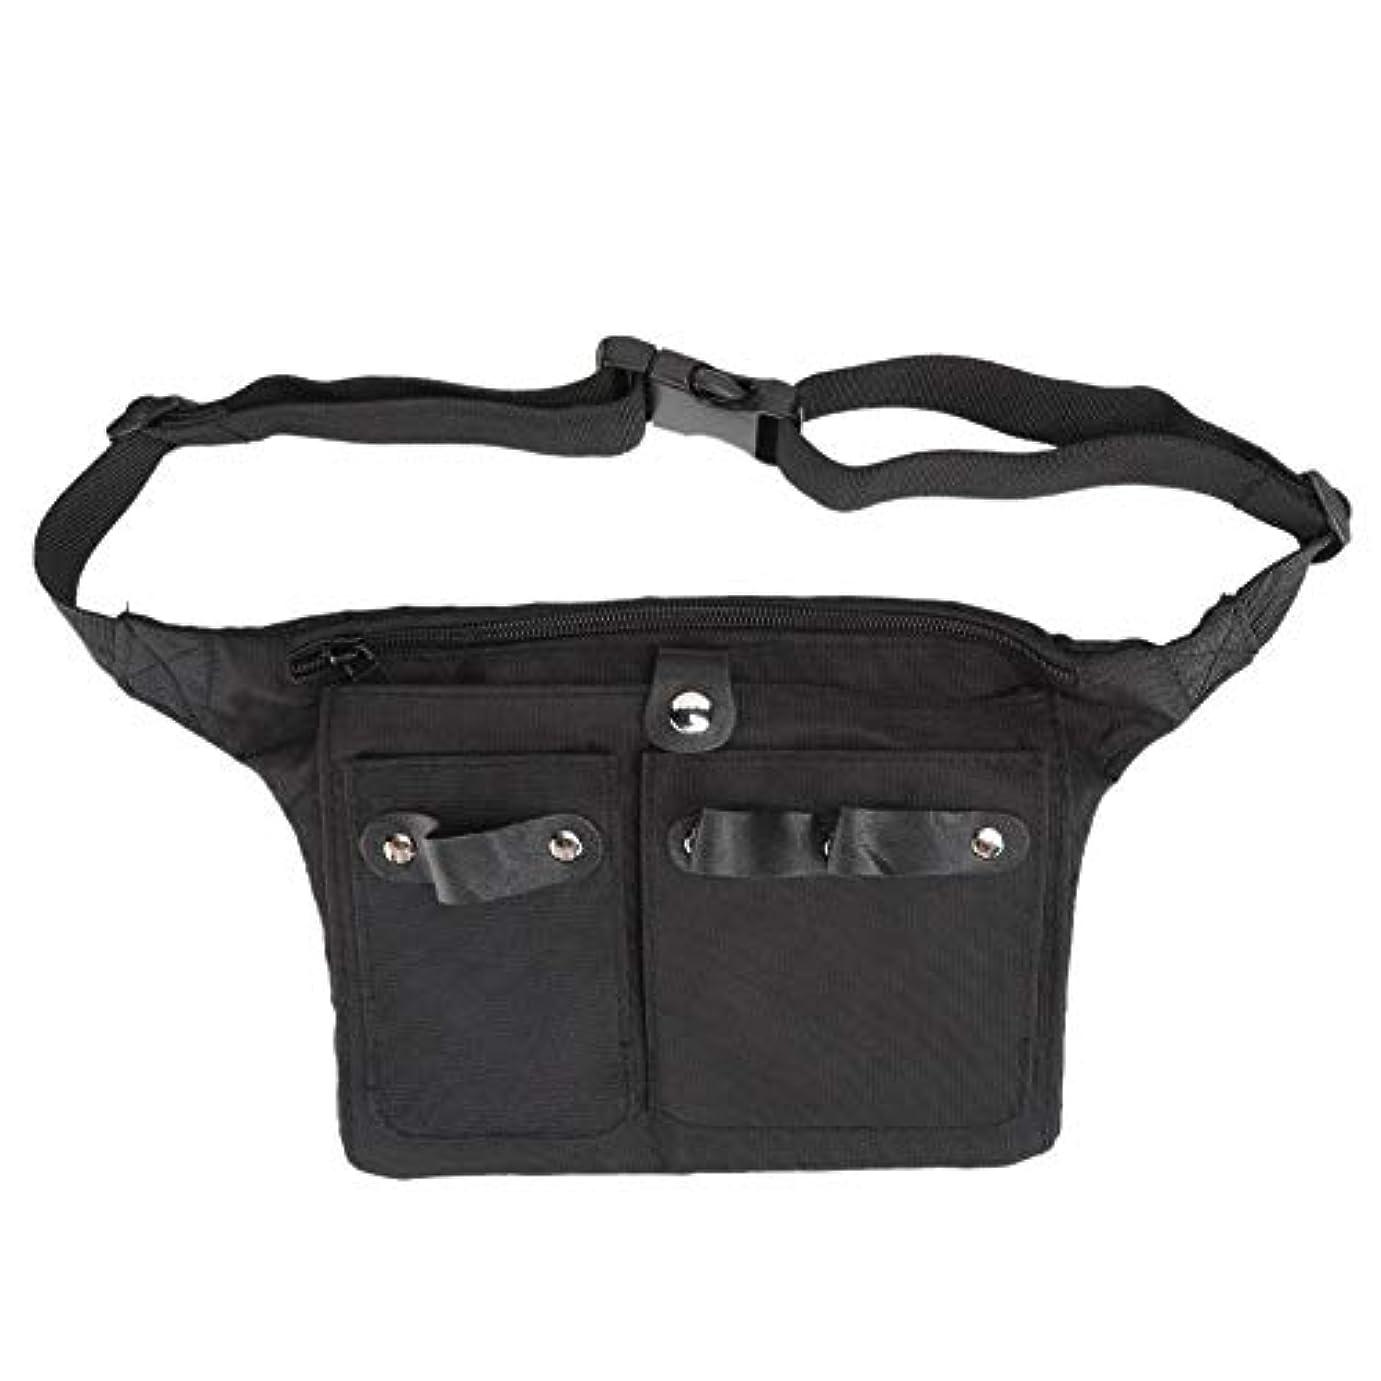 タイムリーなオーストラリア人辛いポータブルはさみ収納袋、多機能ポータブルはさみウエストバッグヘアクリップくし理髪ツール収納袋ブラック(黒)